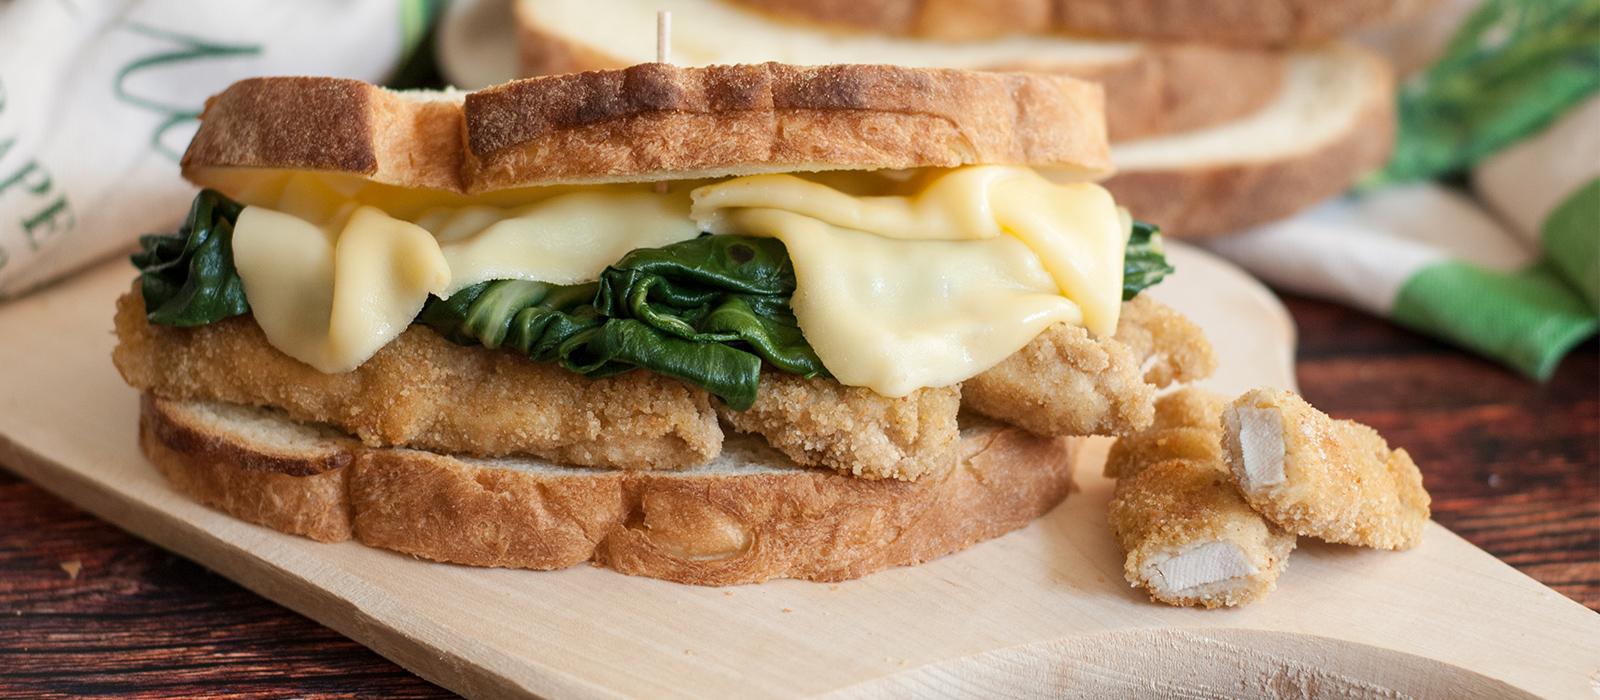 Rezept für Käse-Sandwich mit Hähnchen und Mangold